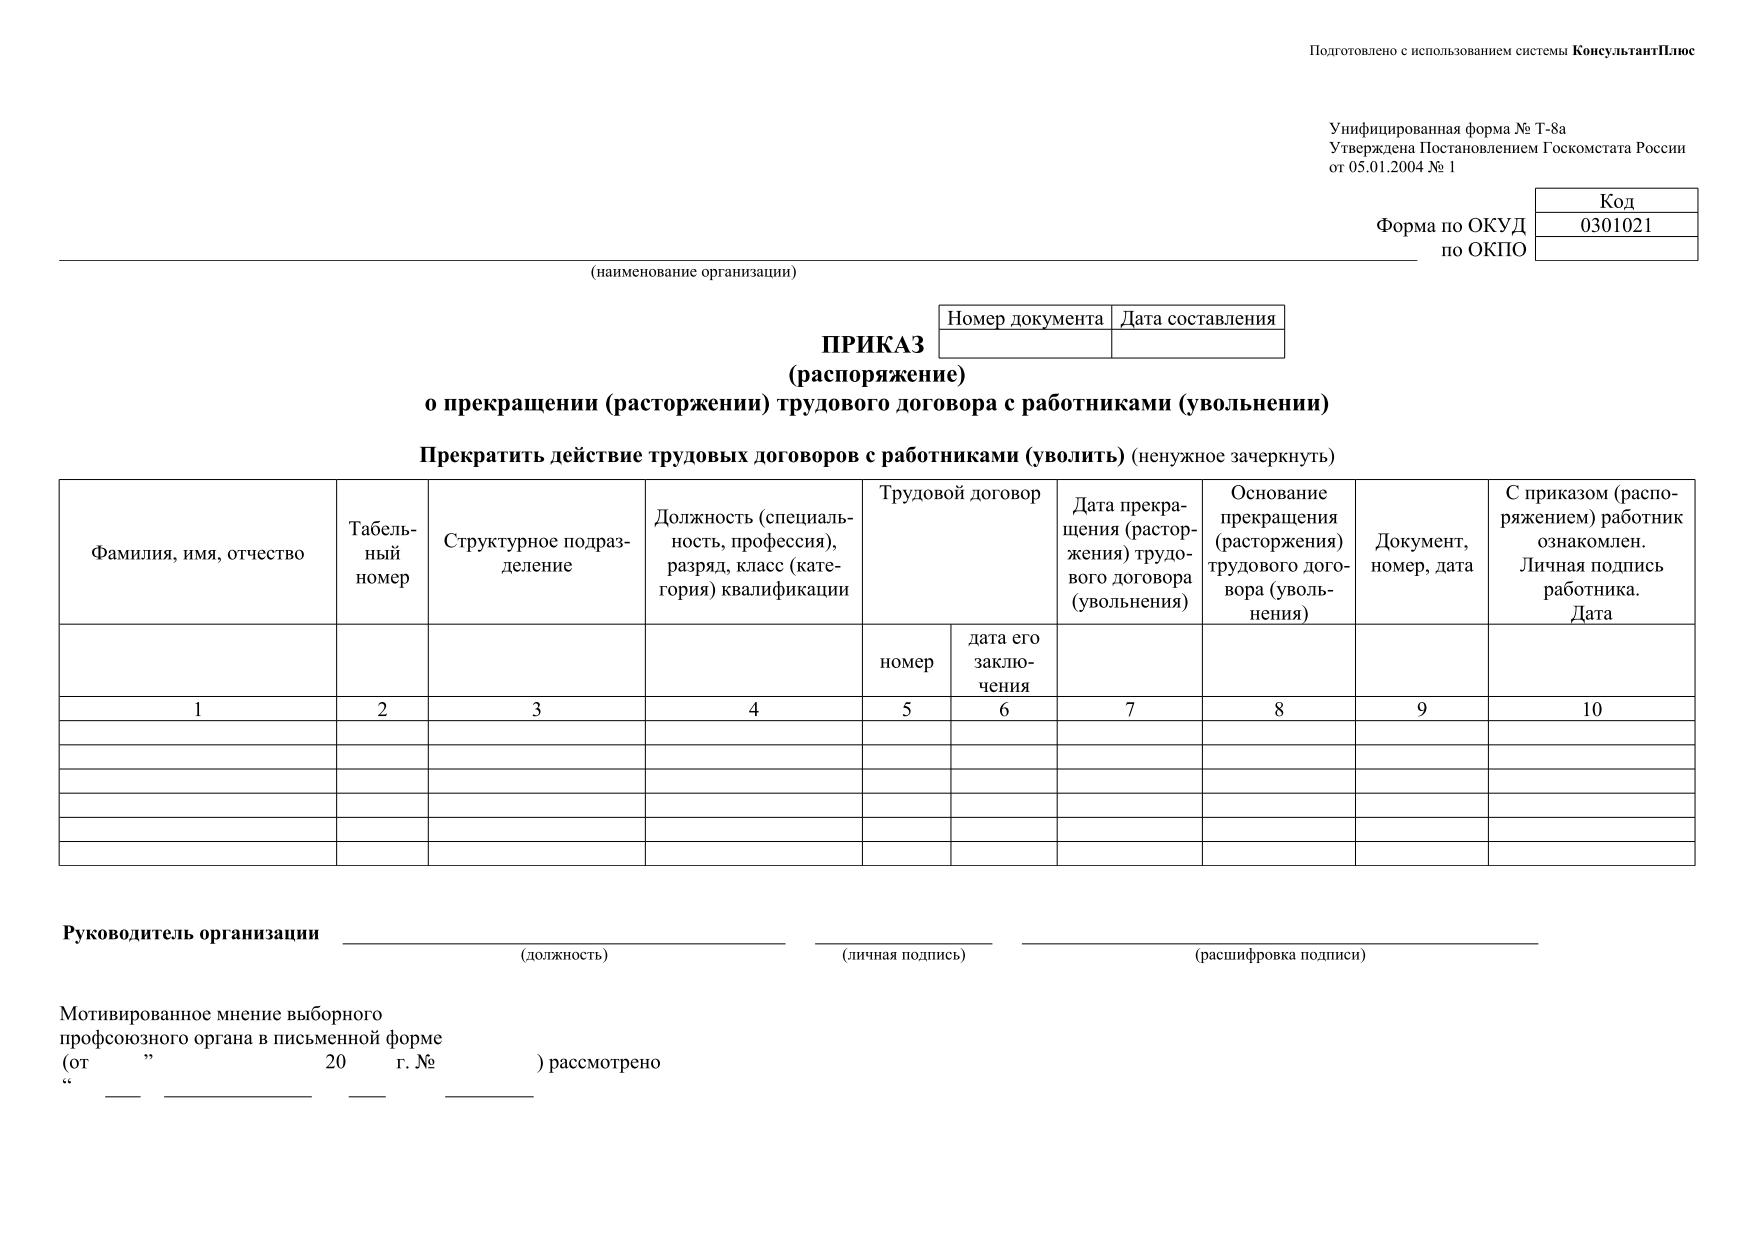 заключение трудового договора автономная некоммерческая организация